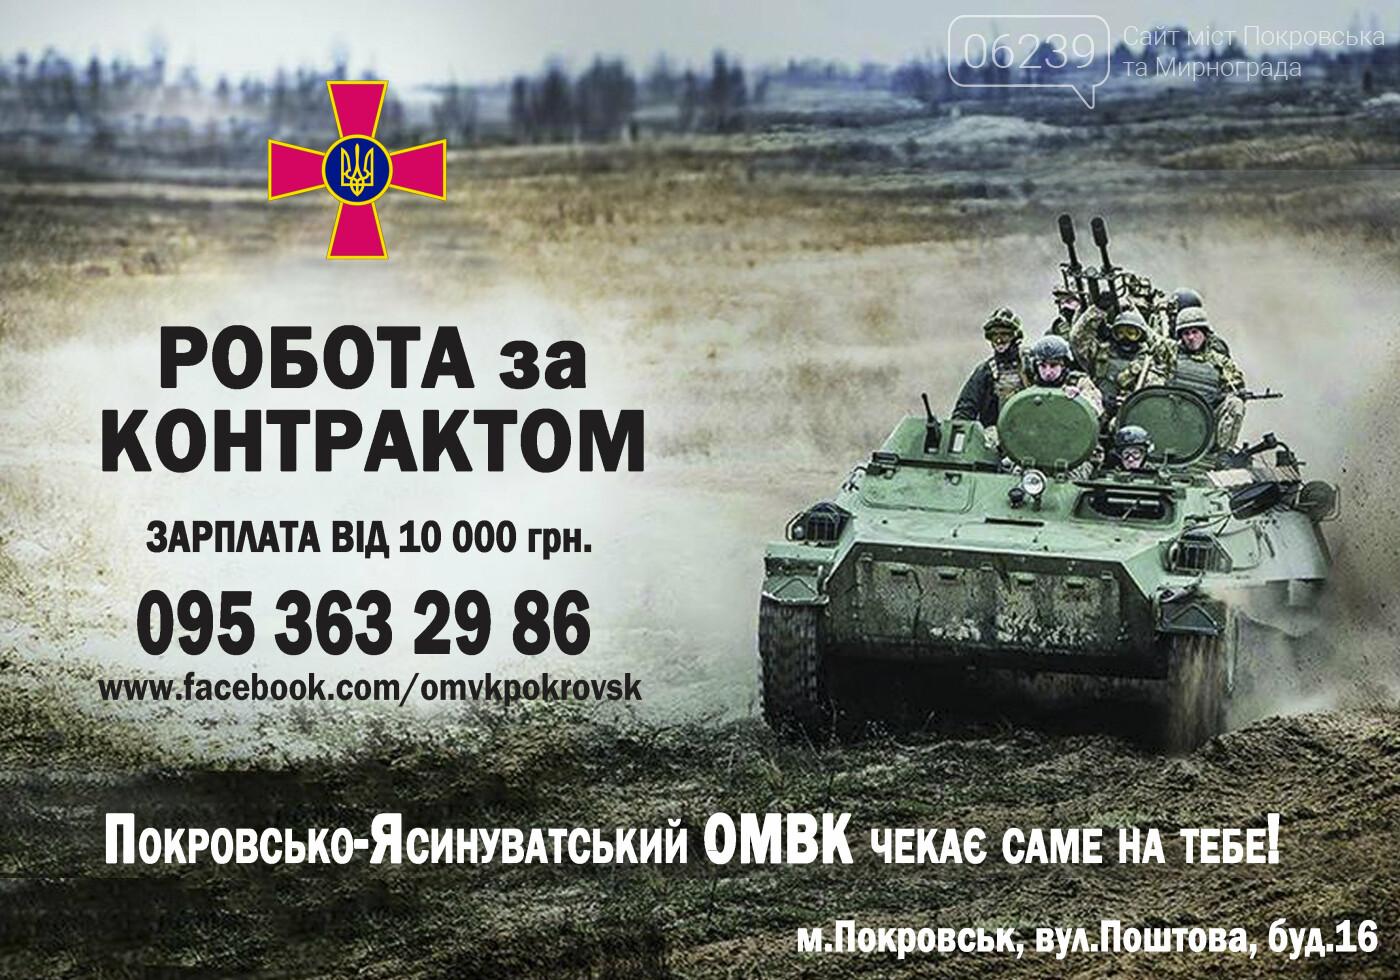 Покровсько-Ясинуватський ОМВК проводить набір кандидатів на військову службу за контрактом, фото-1